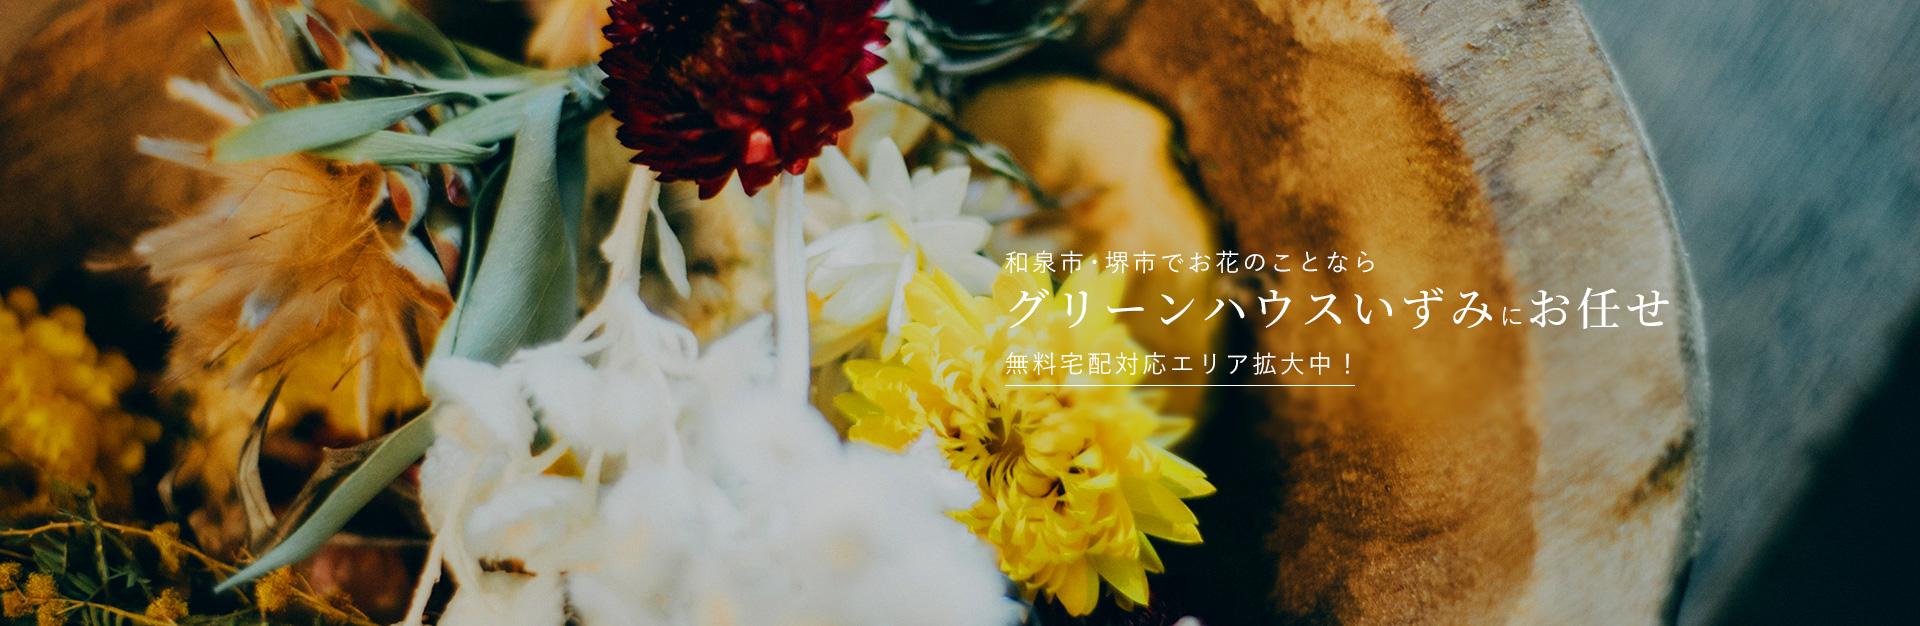 和泉市・堺市でお花のことならグリーンハウスいずみにお任せ 無料宅配対応エリア拡大中!